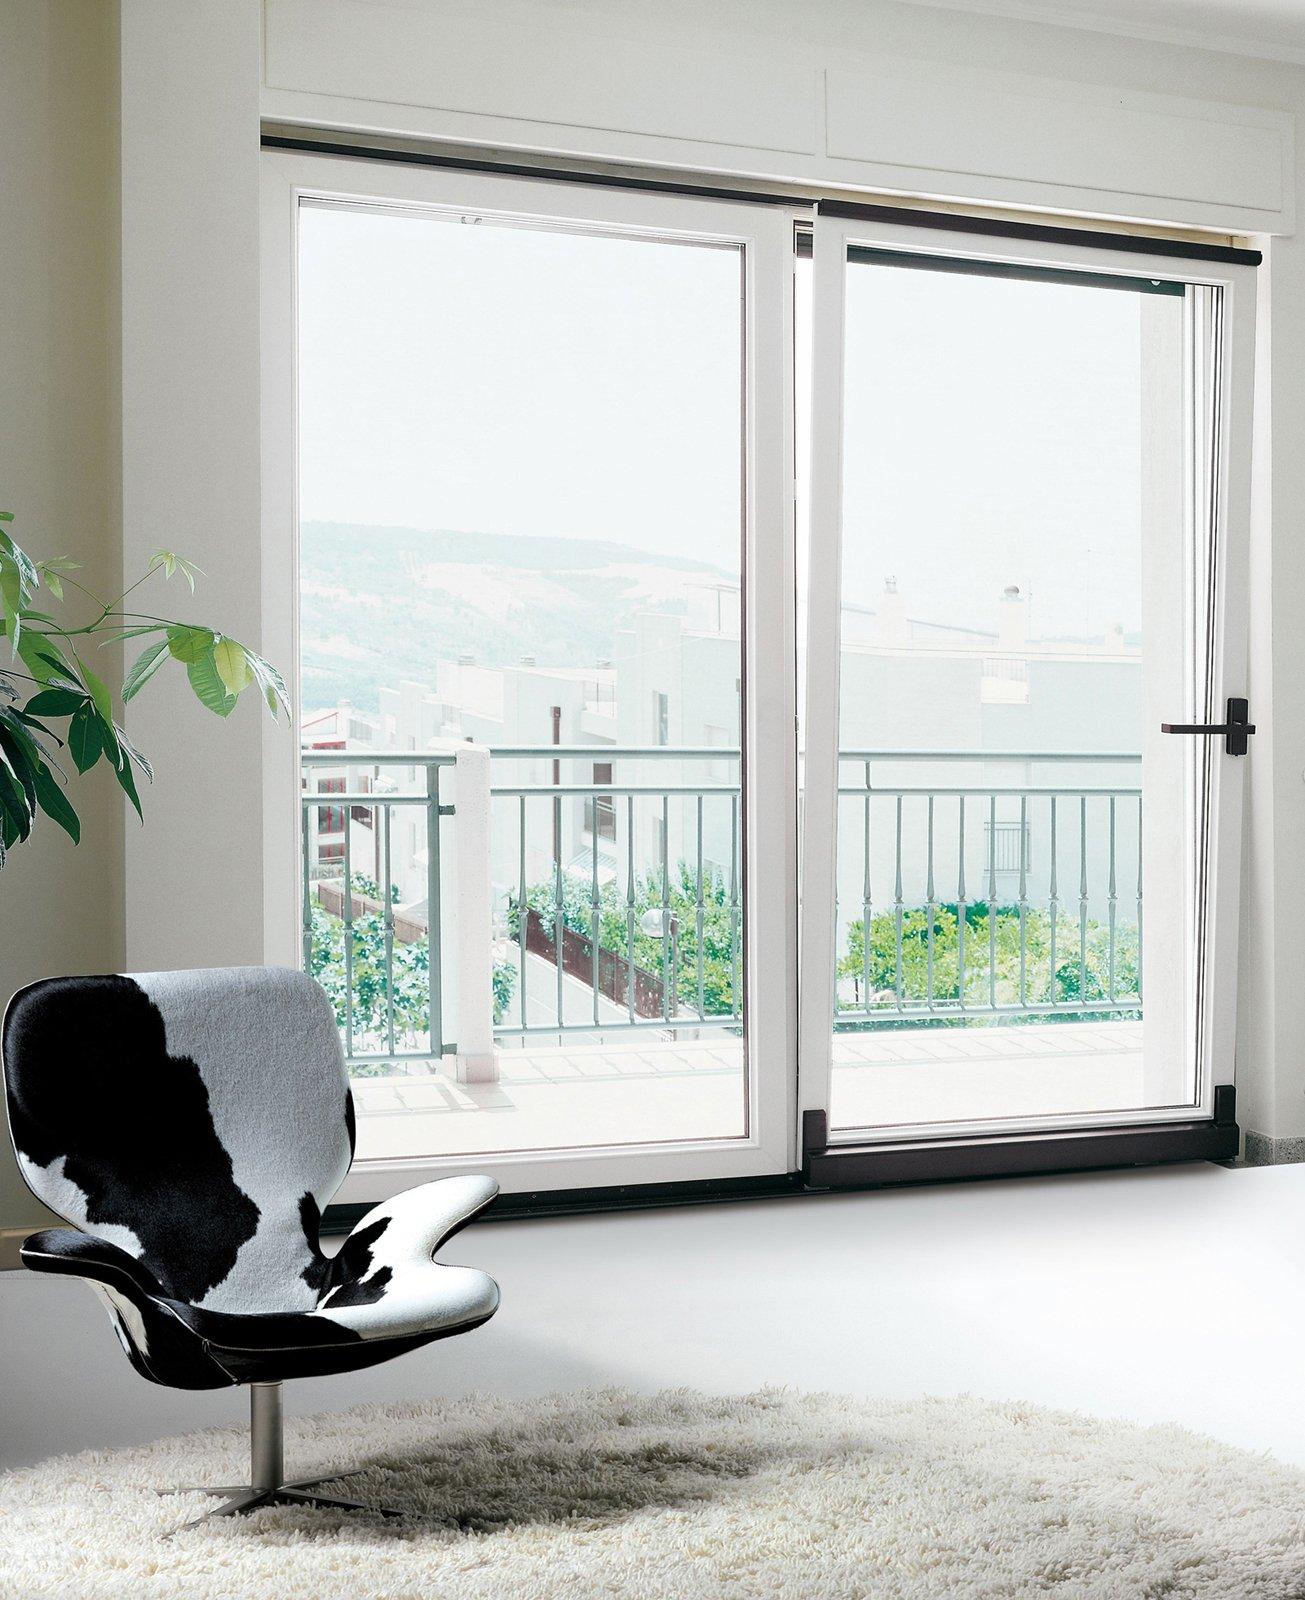 Finestra quale materiale preferire cose di casa - Costo finestre doppi vetri ...